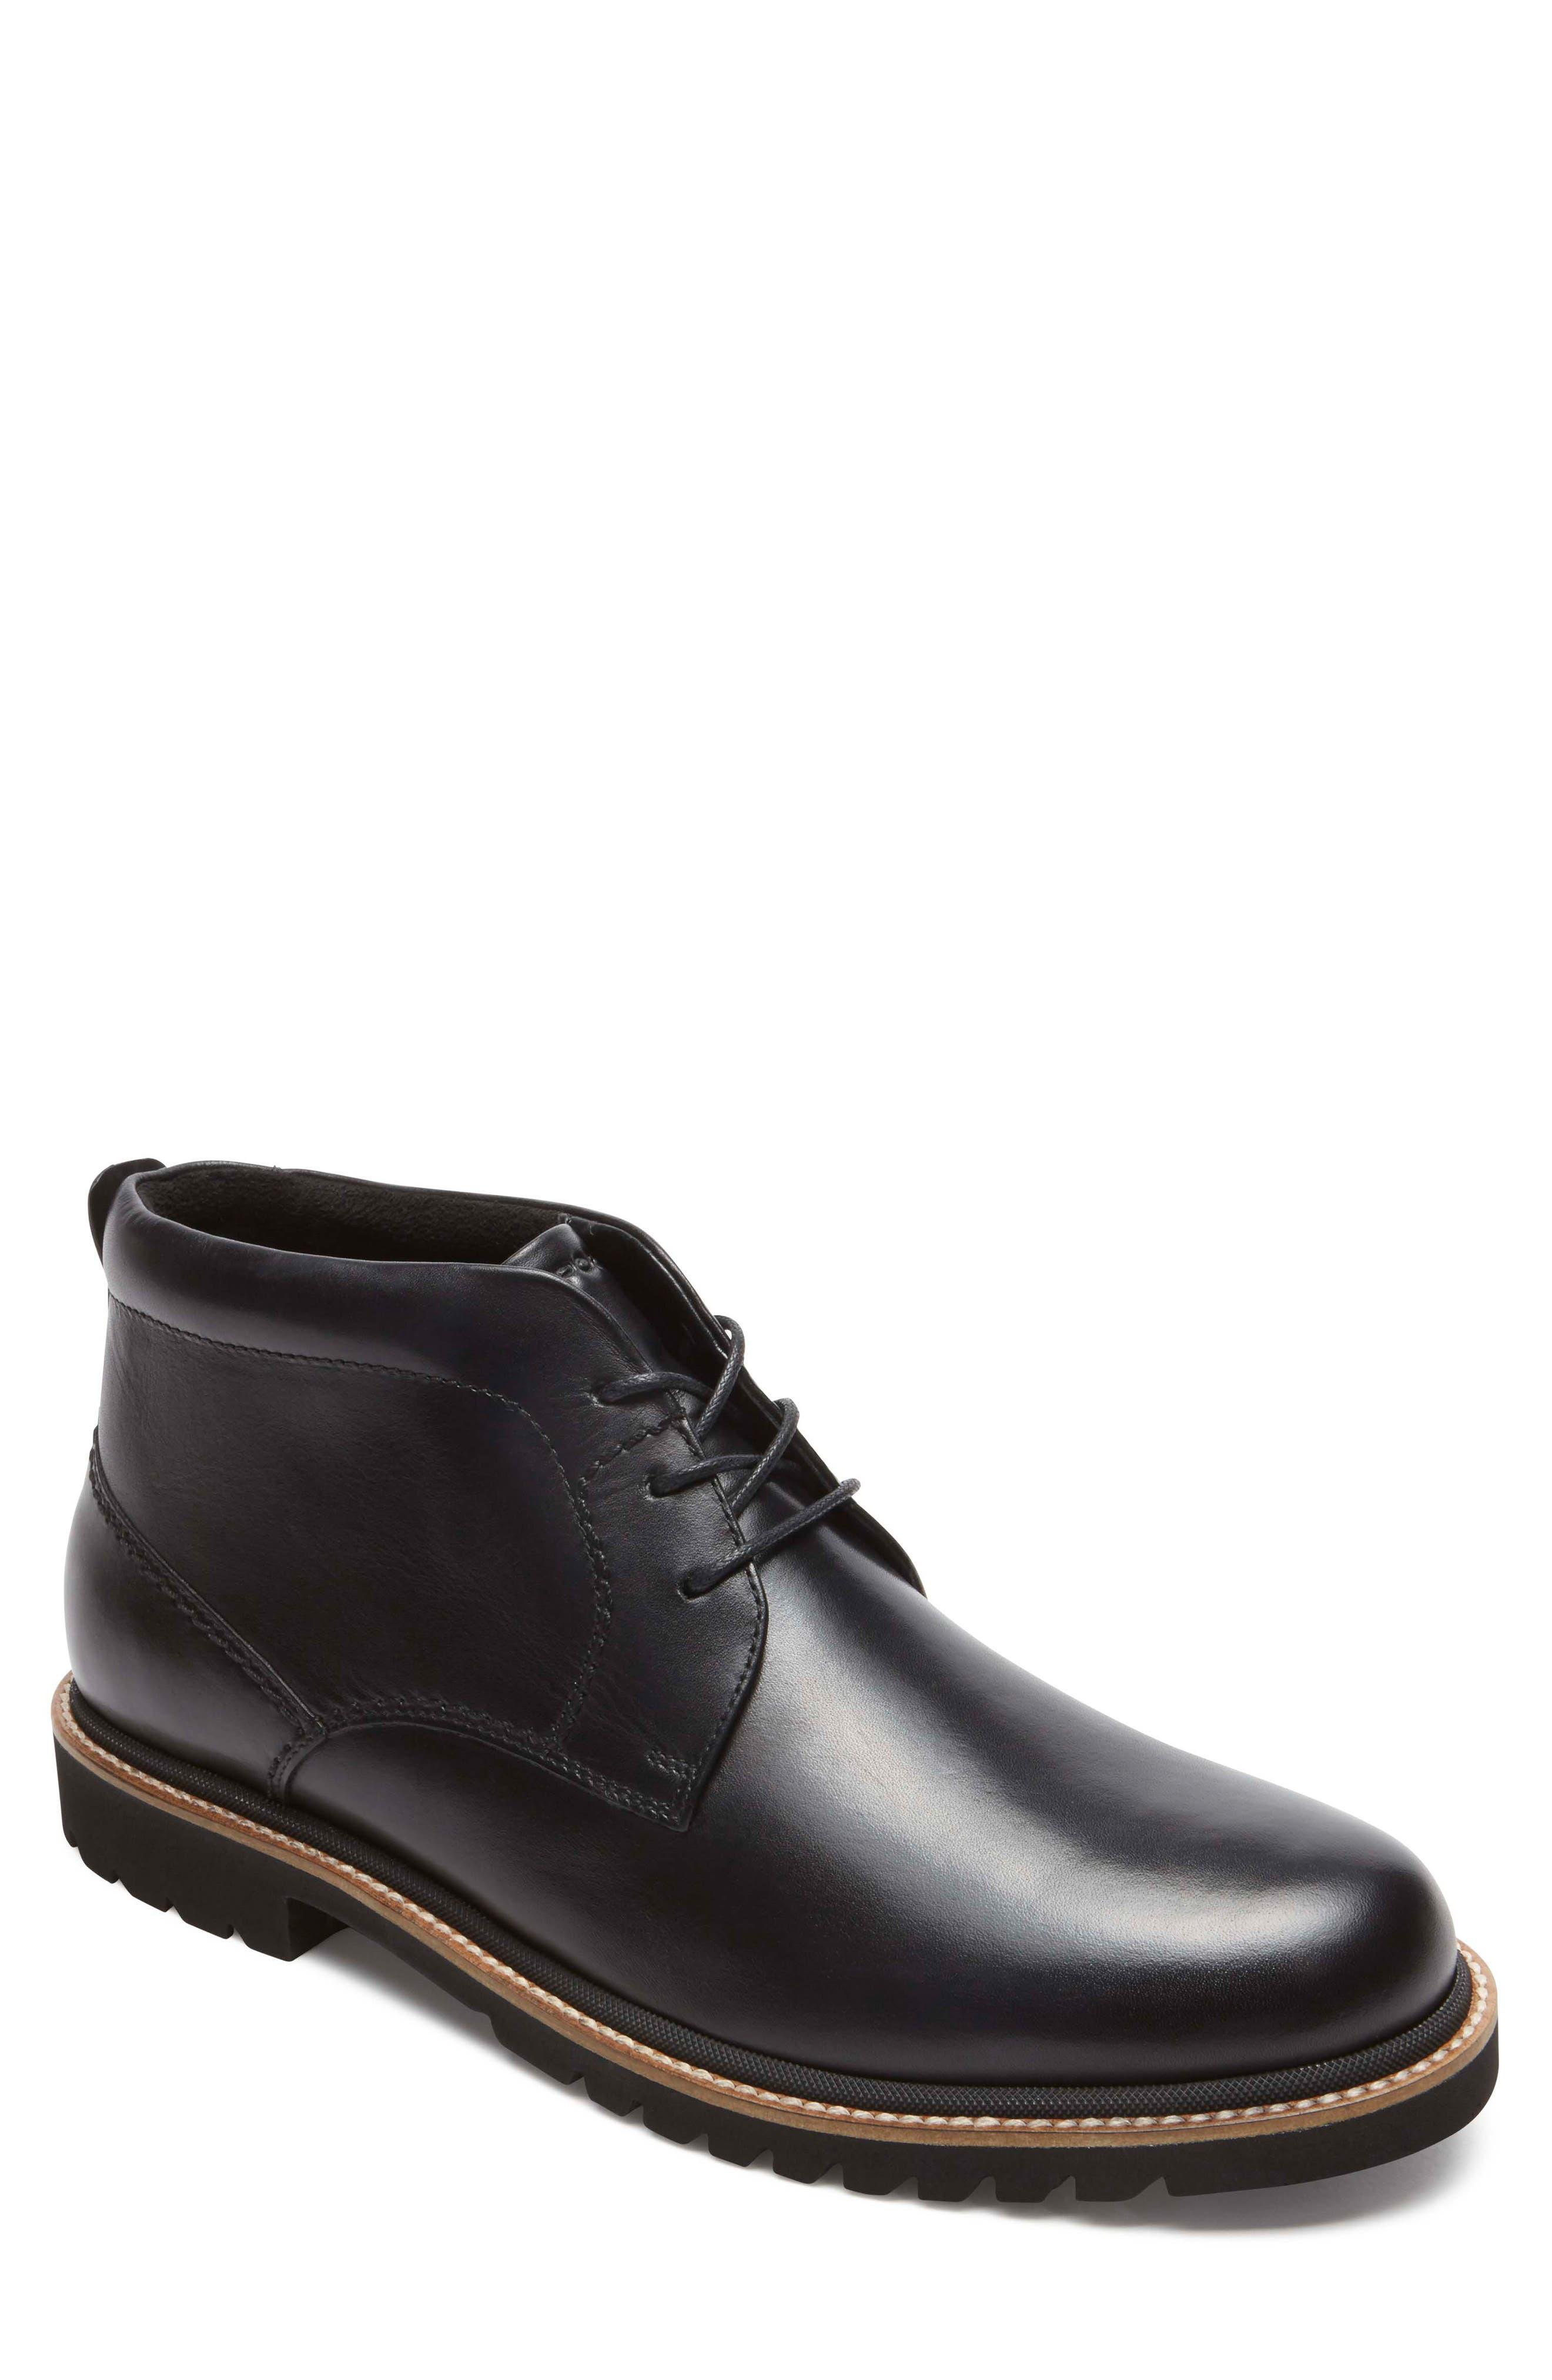 Marshall Chukka Boot,                         Main,                         color, BLACK LEATHER